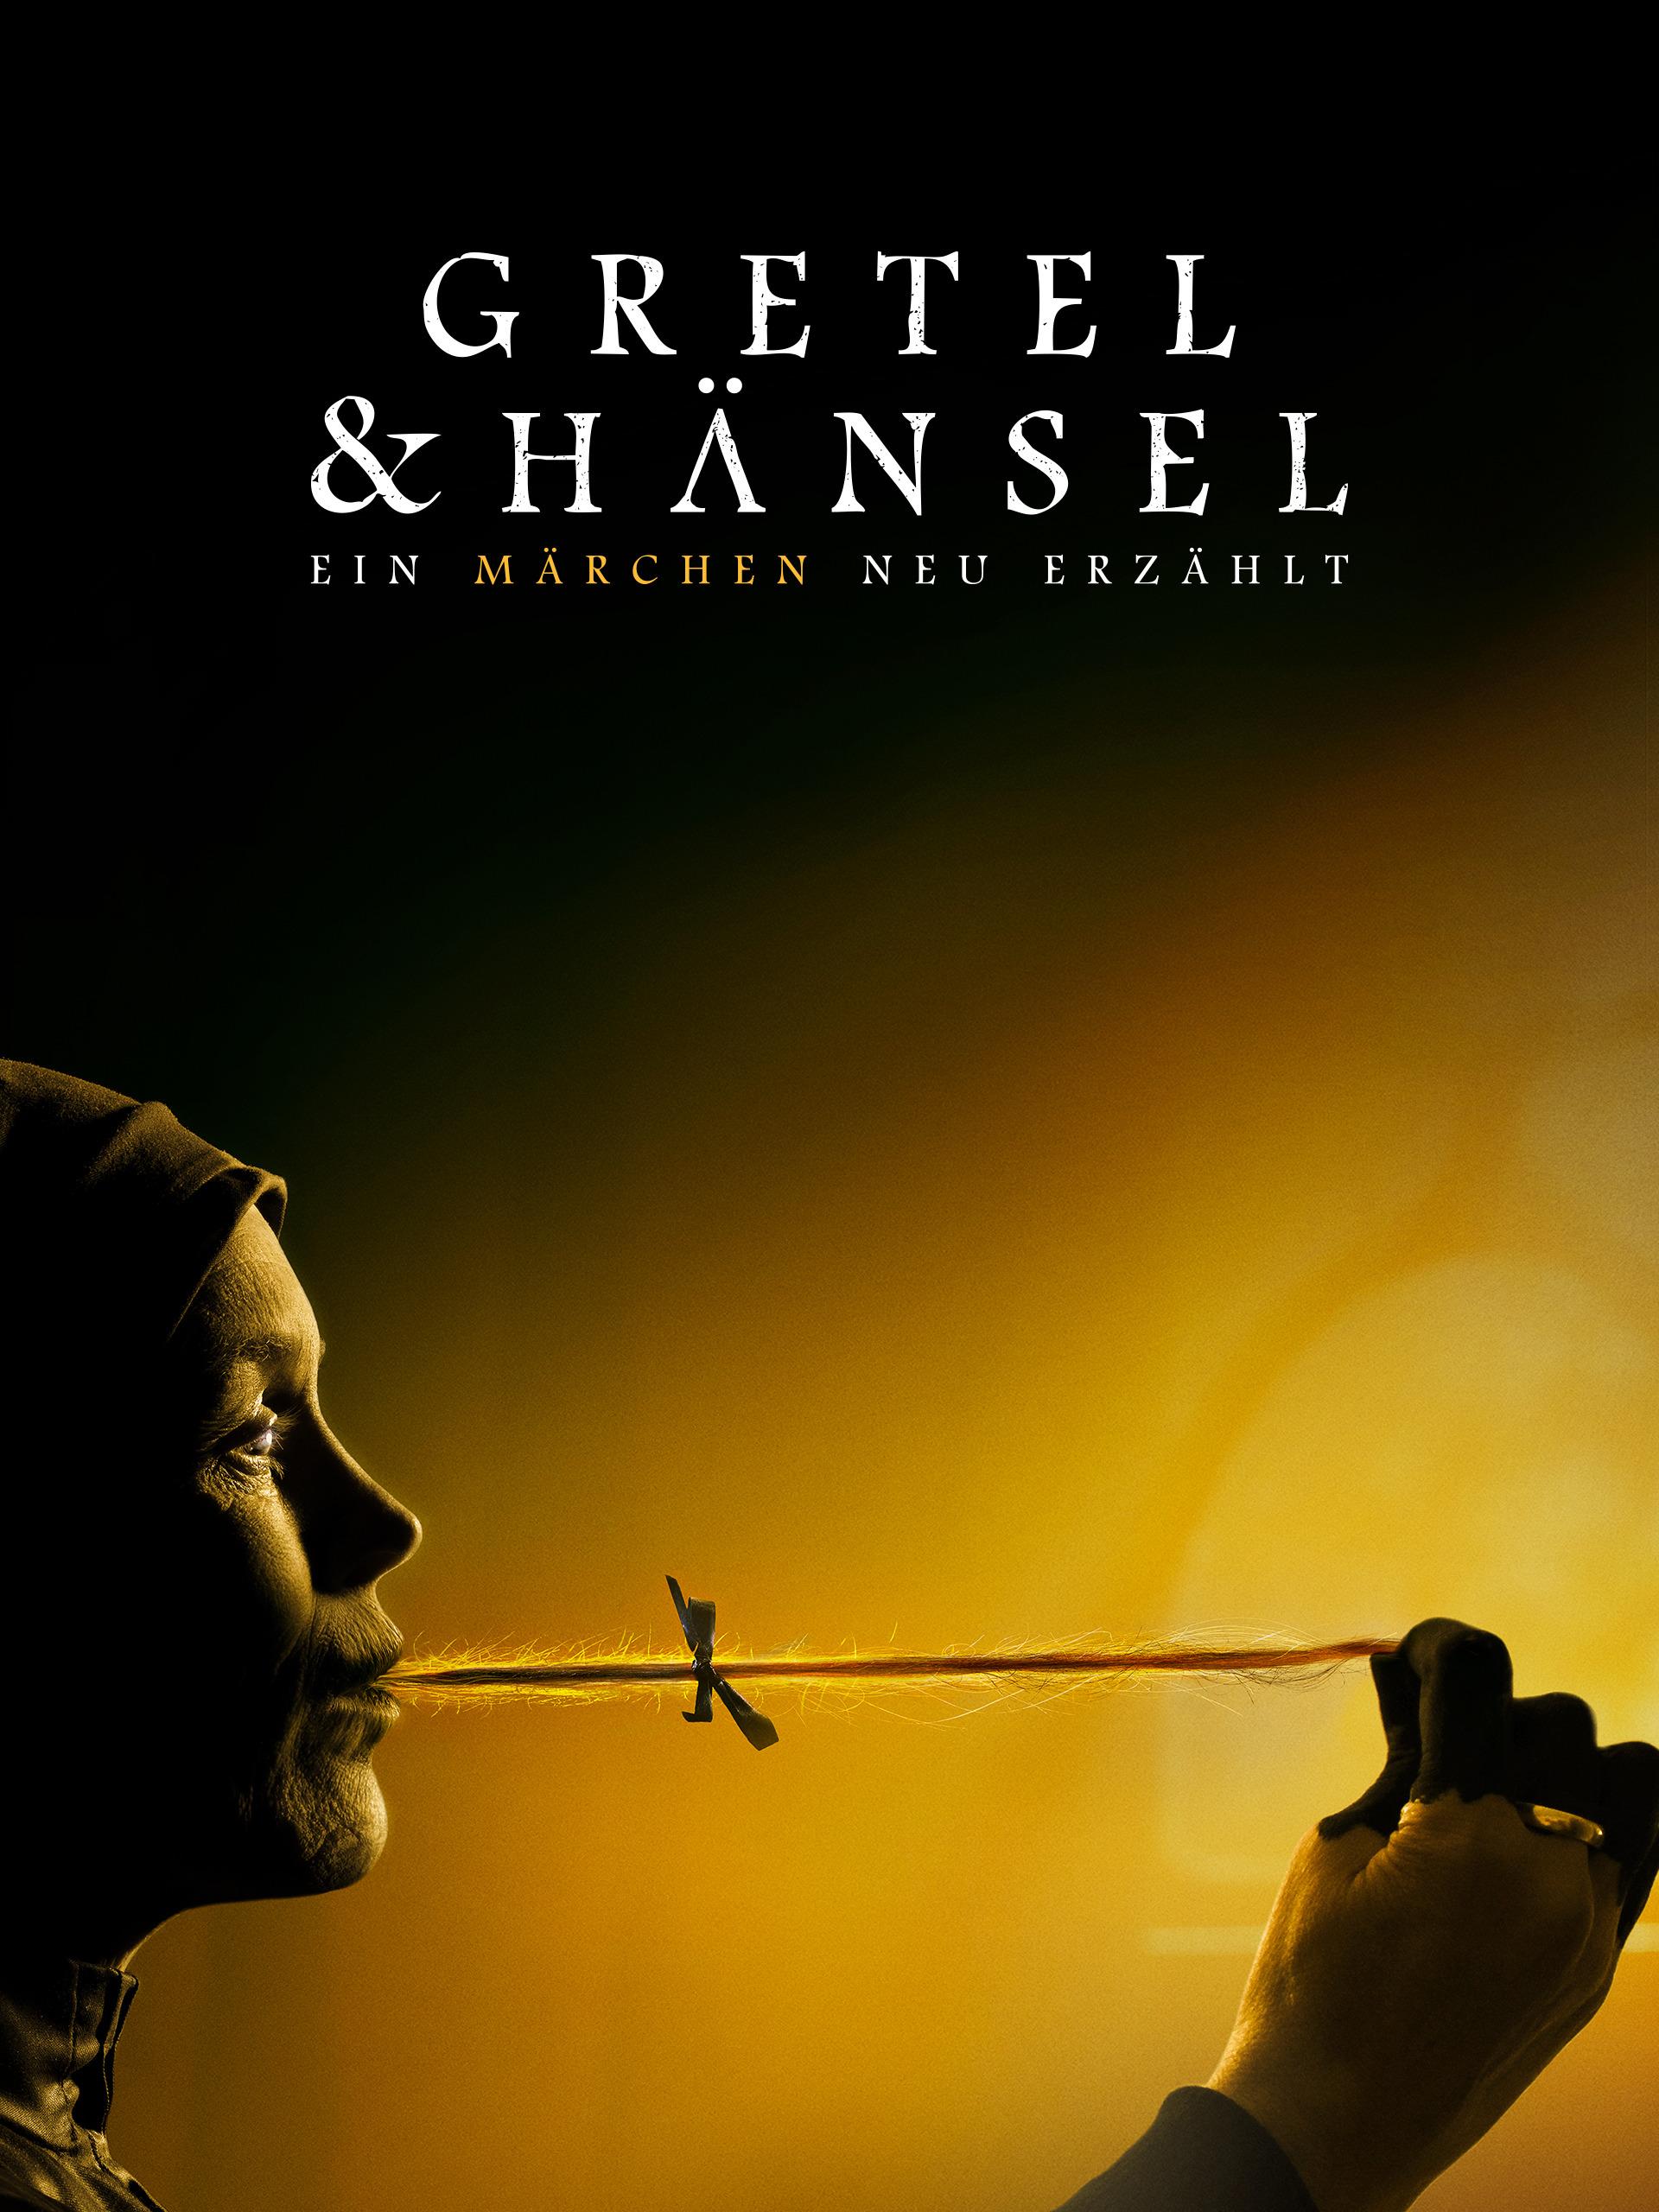 Gretel & Hänsel - Ein Märchen neu erzählt